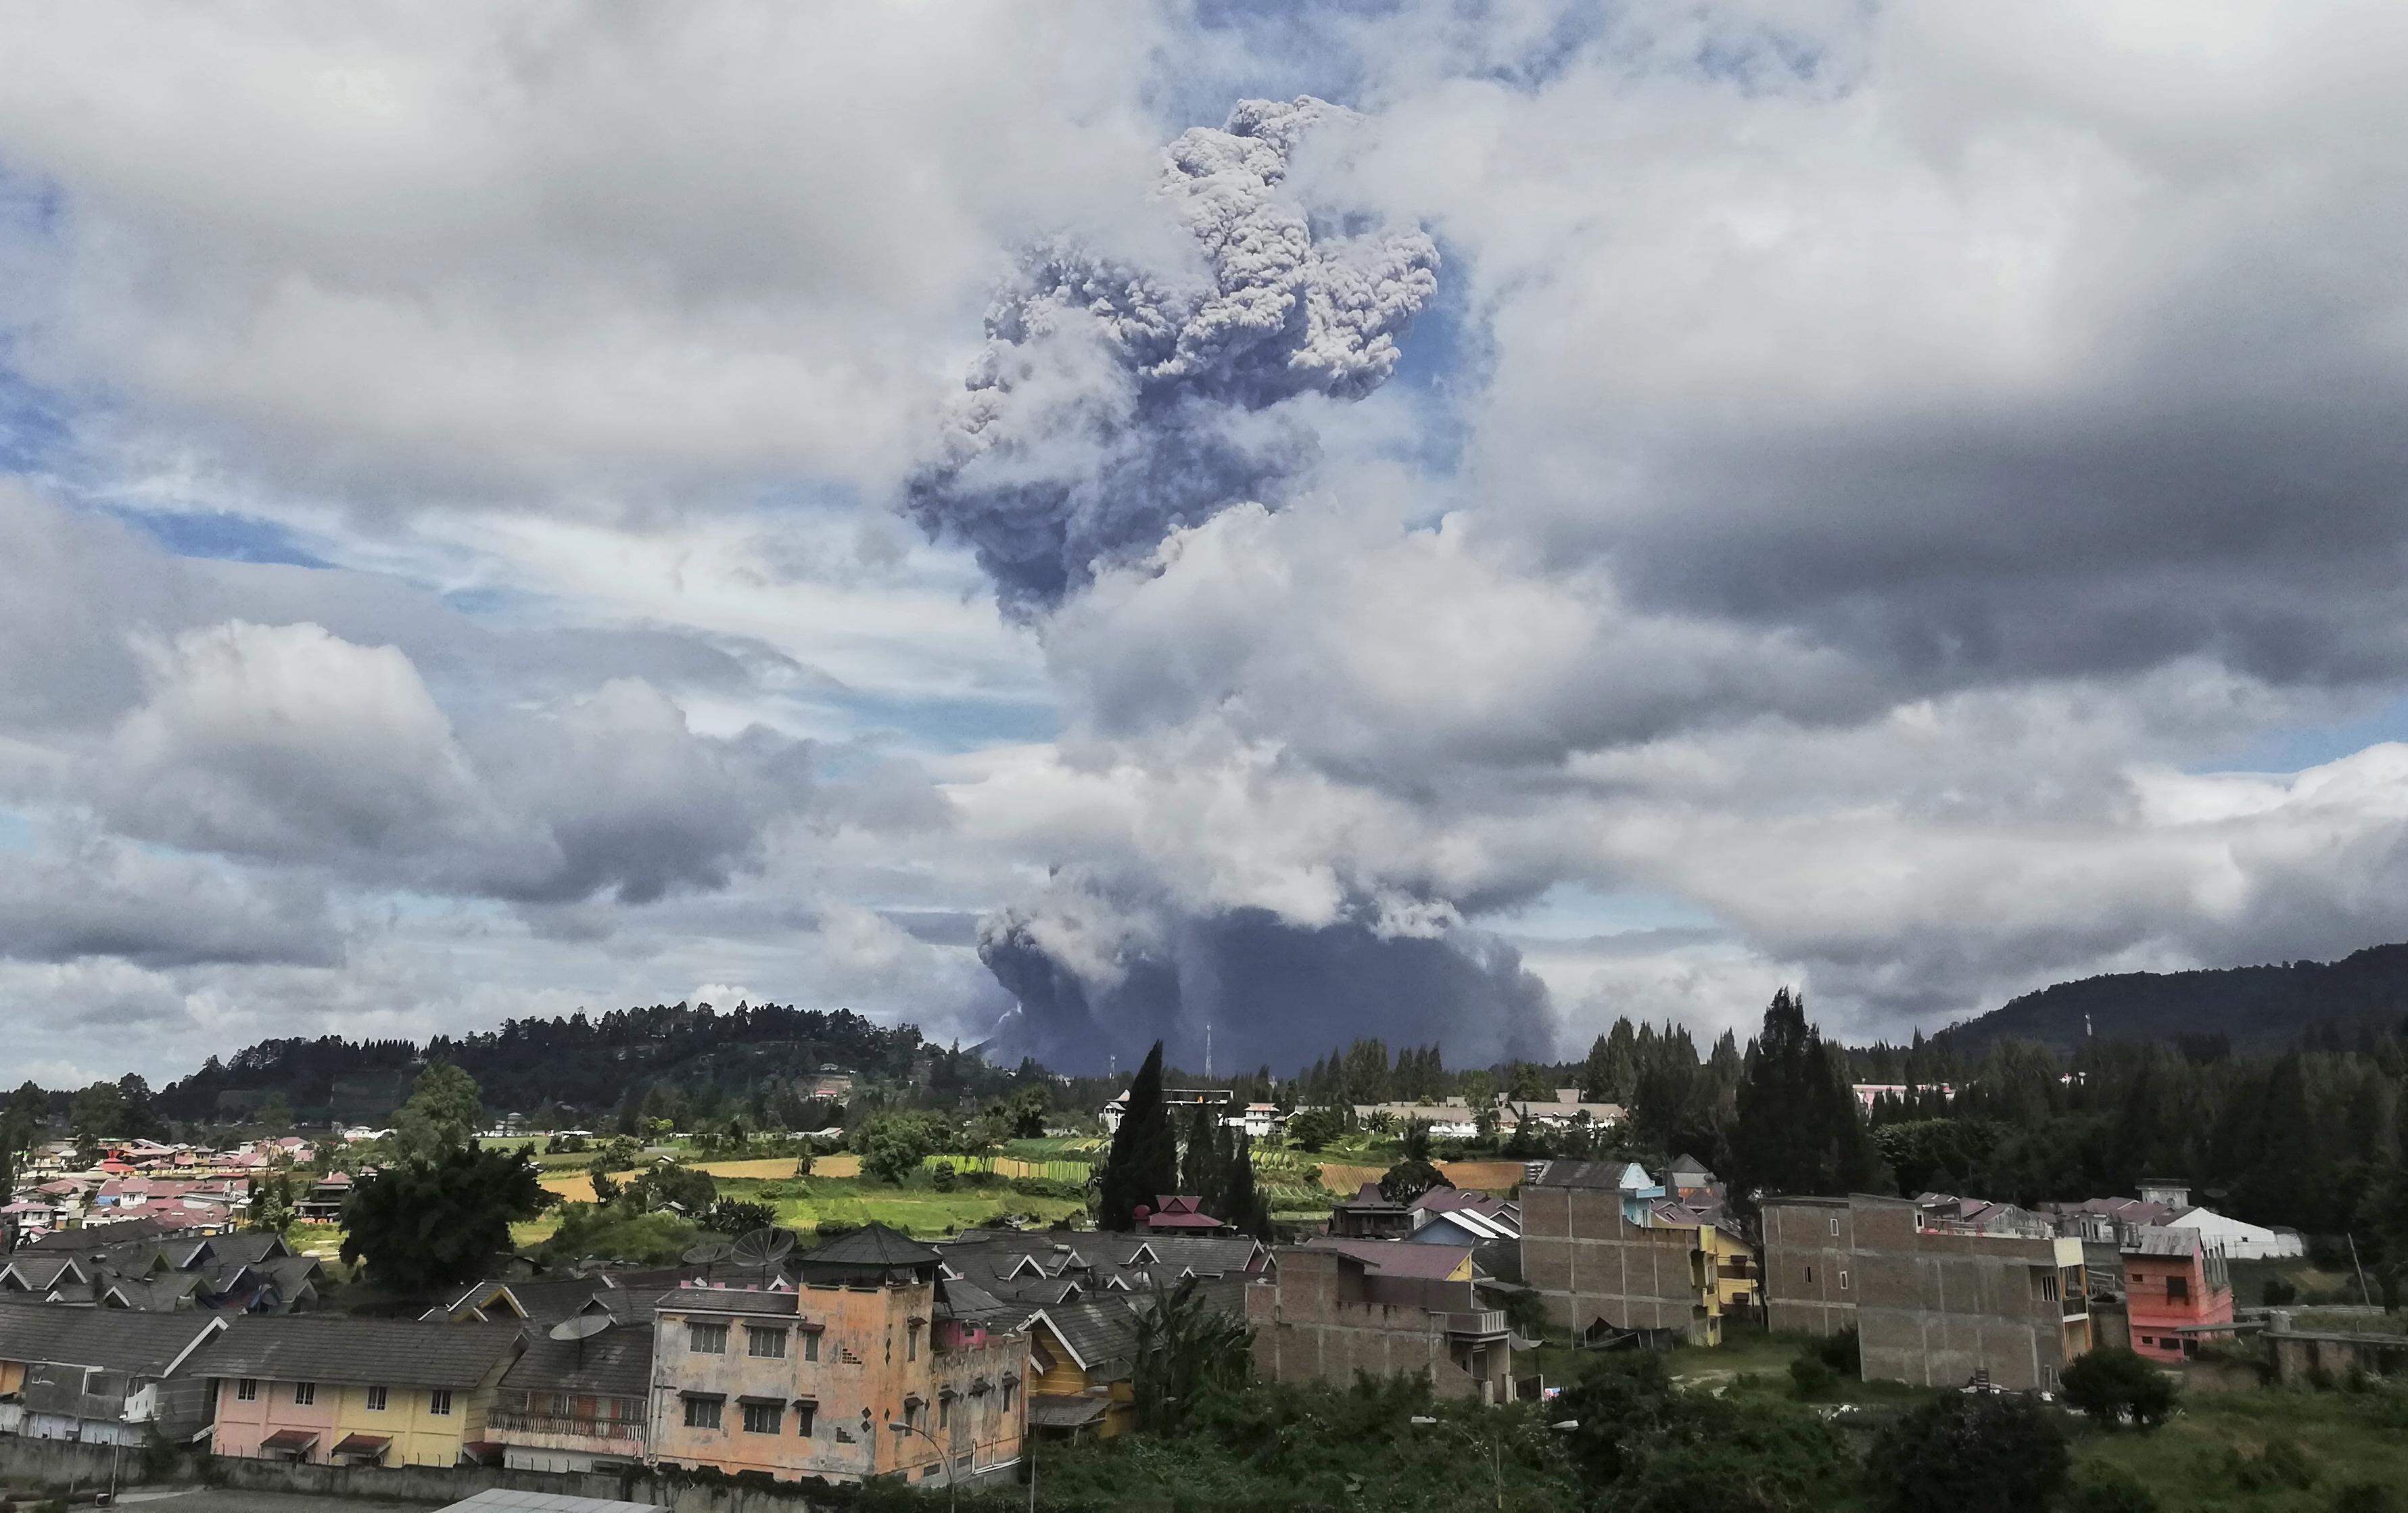 El volcán, uno de los dos que están en erupción actualmente en Indonesia, estuvo inactivo durante cuatro siglos antes de despertar en 2010, matando a dos personas. Otra erupción en 2014 mató a 16 personas, mientras que siete murieron en una erupción de 2016. (AP Photo/Sugeng Nuryono)